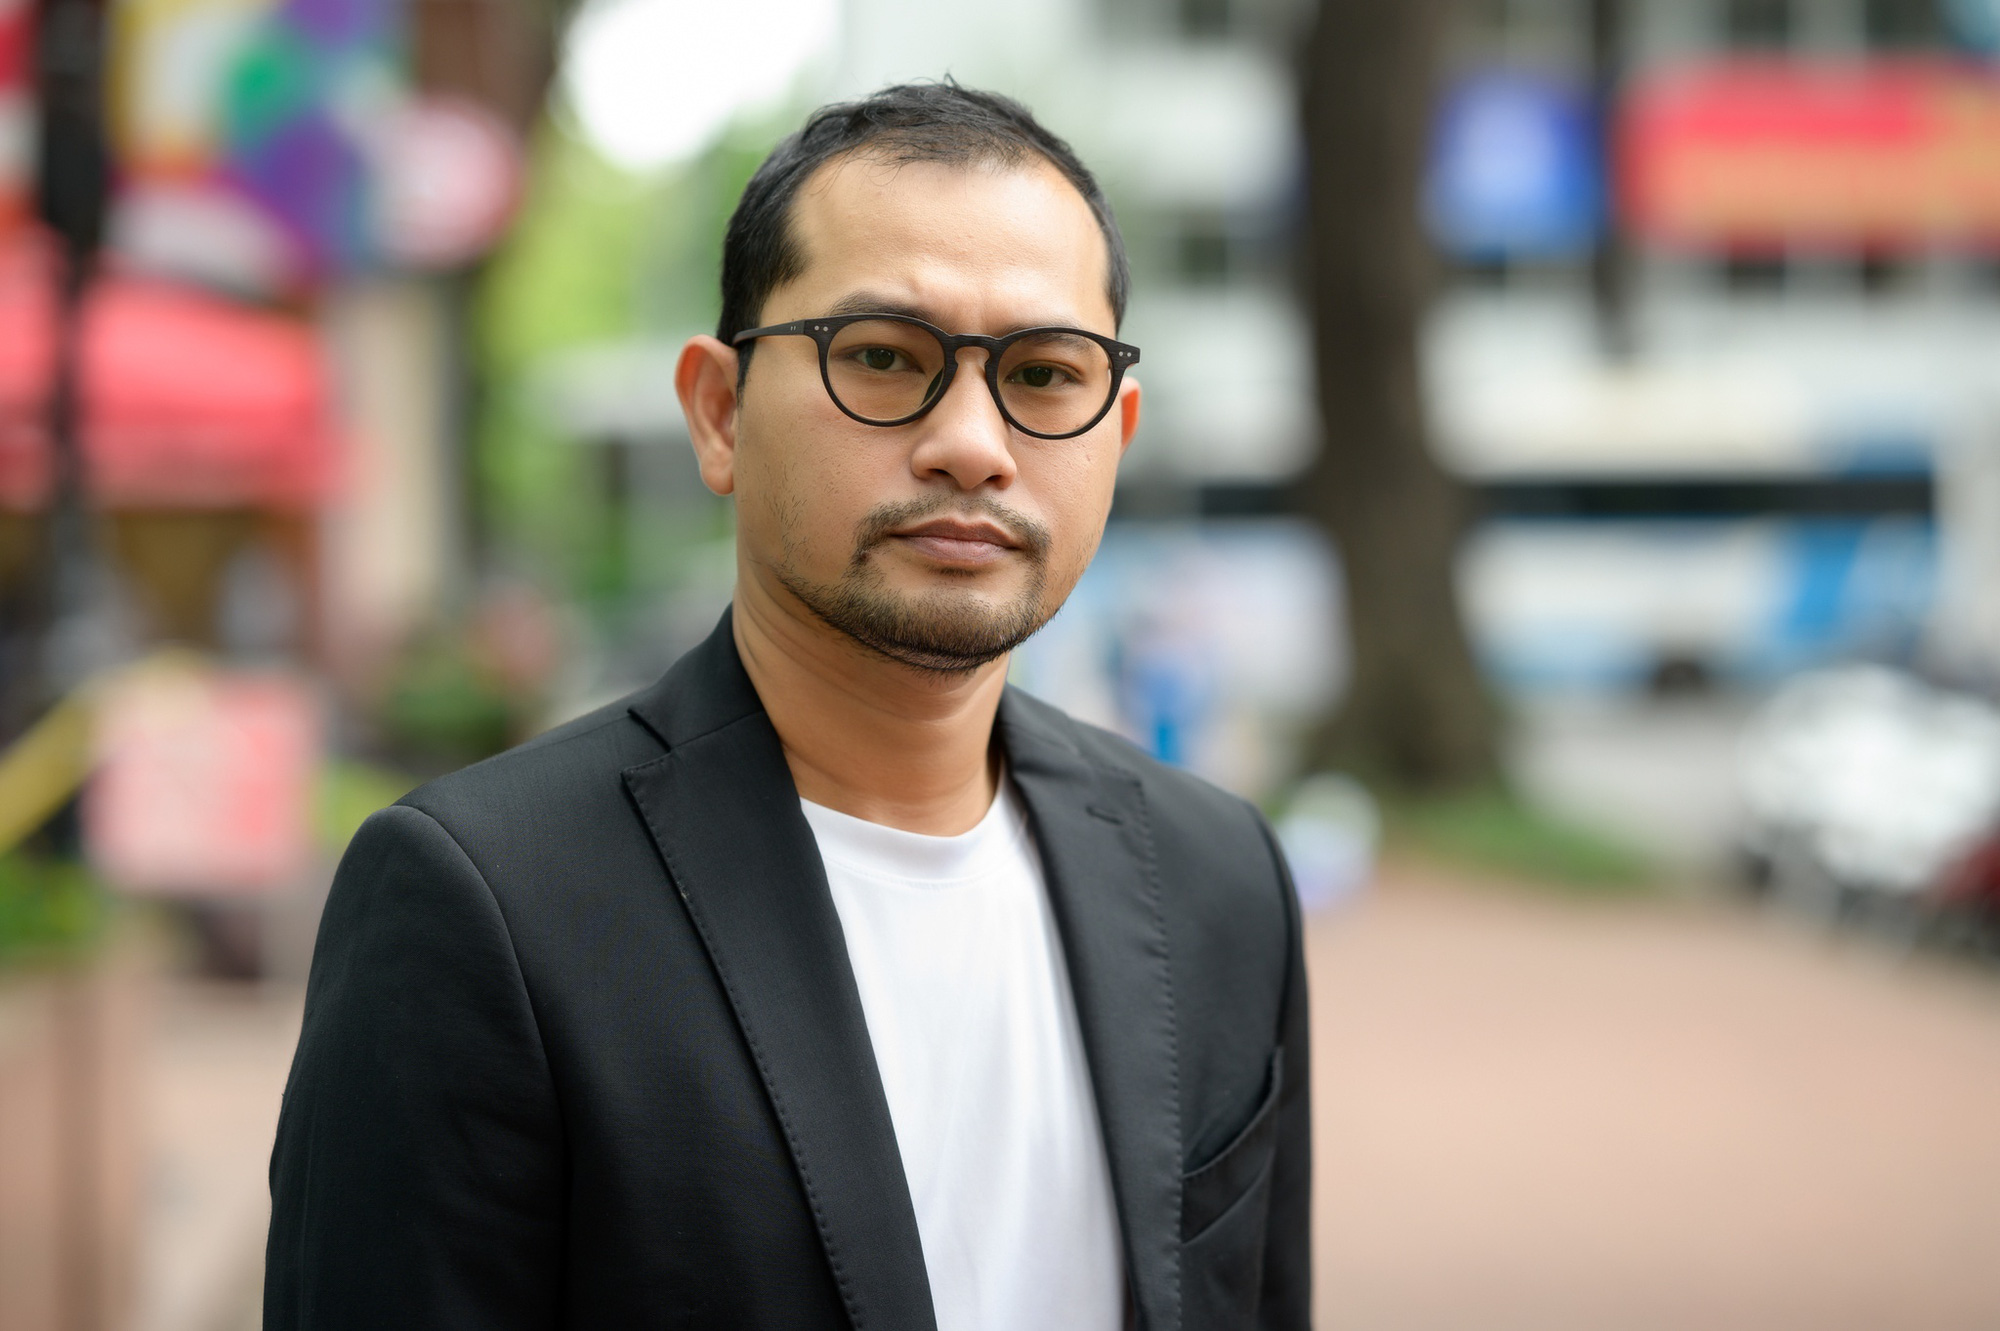 """Huỳnh Đông: Nếu được, tôi xin anh Lý Hải làm lại toàn bộ """"Lật mặt: 48h"""" - Ảnh 5."""